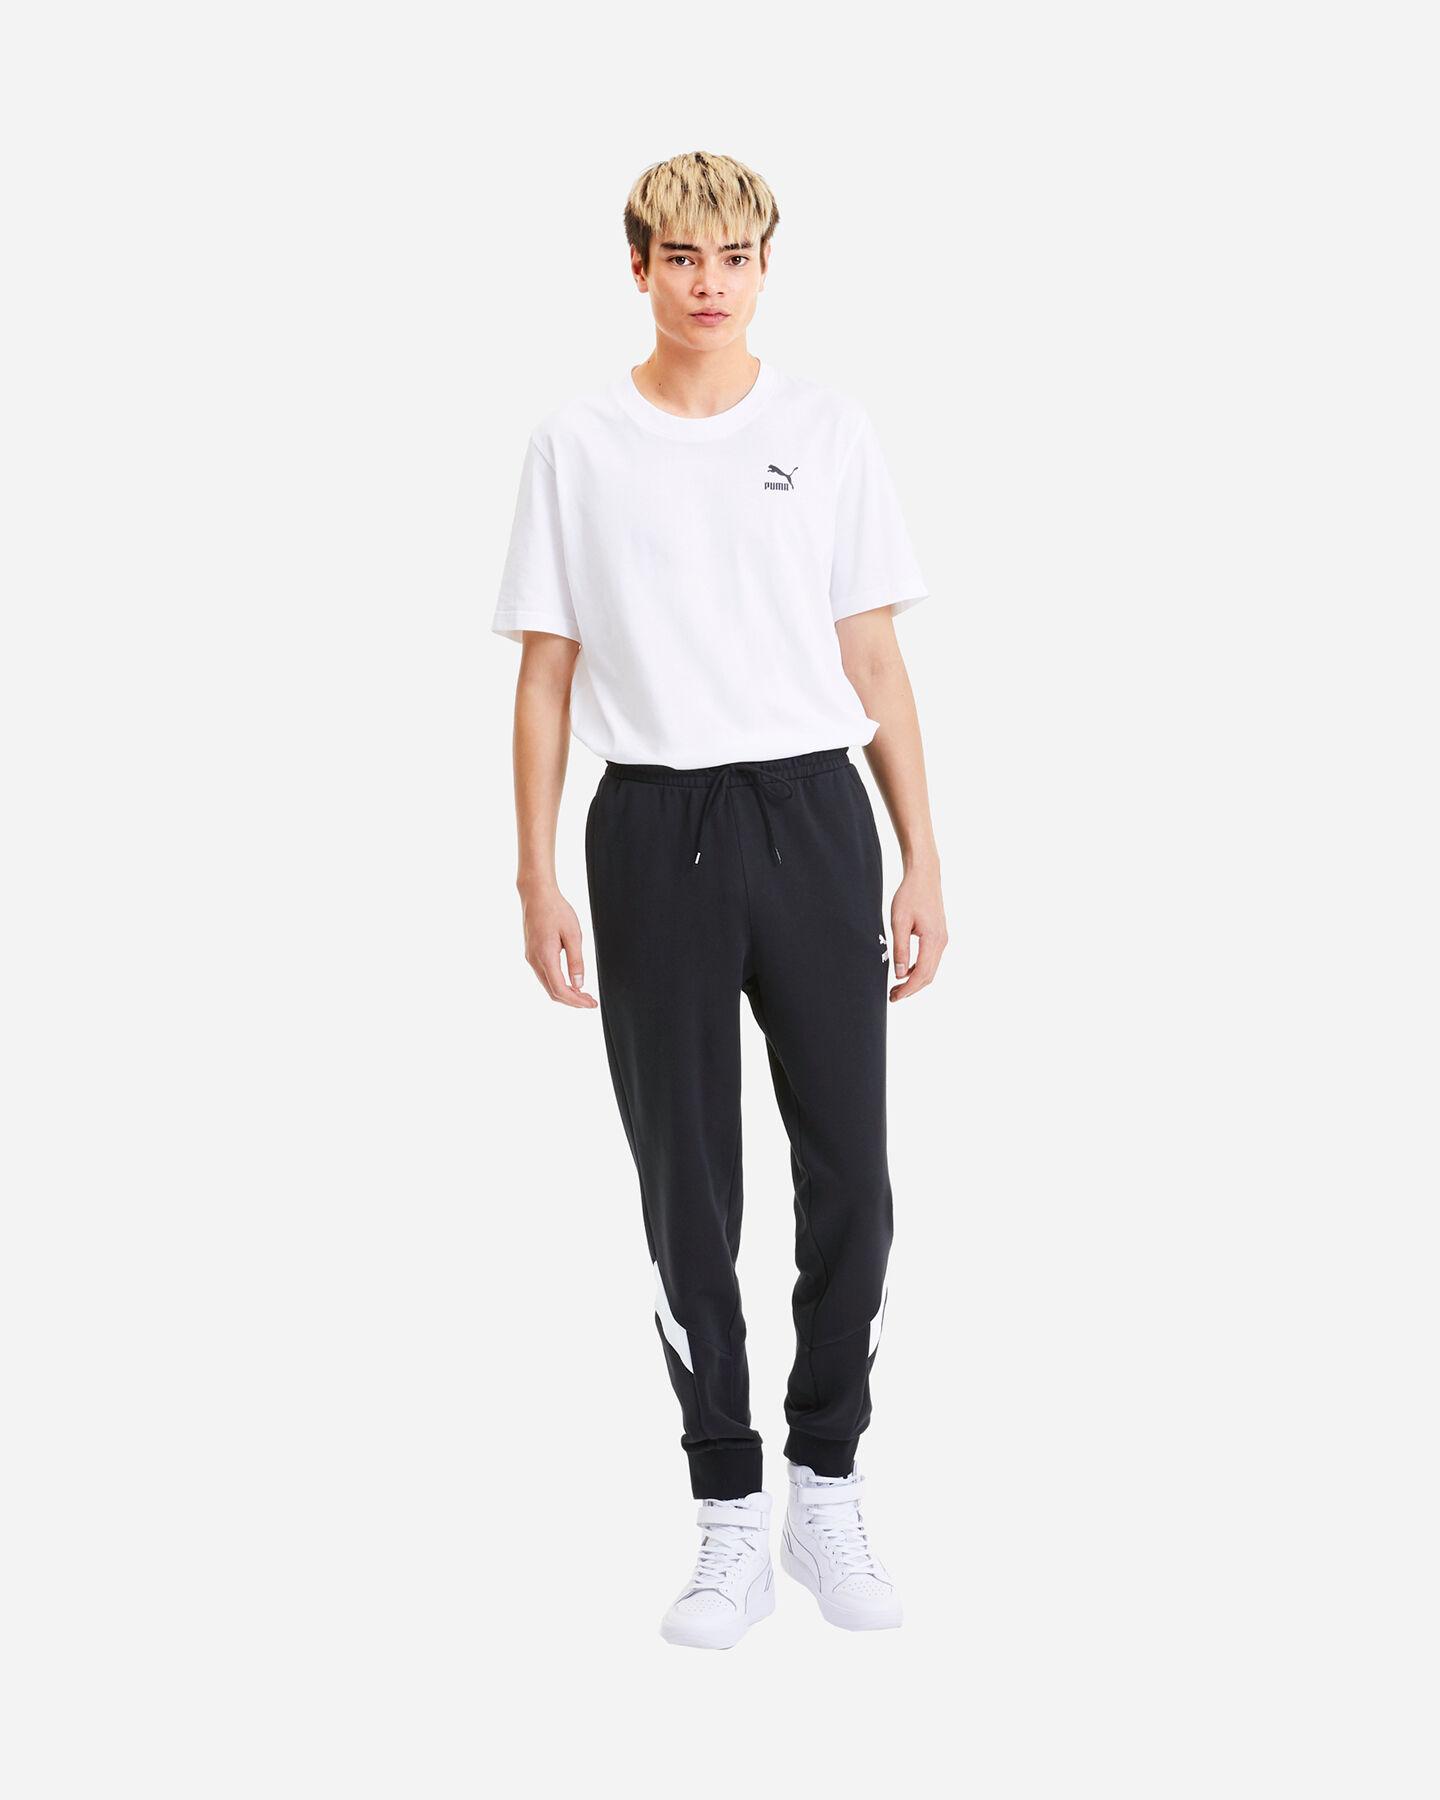 Pantalone PUMA RALPH SAMPSON M S5172830 scatto 4